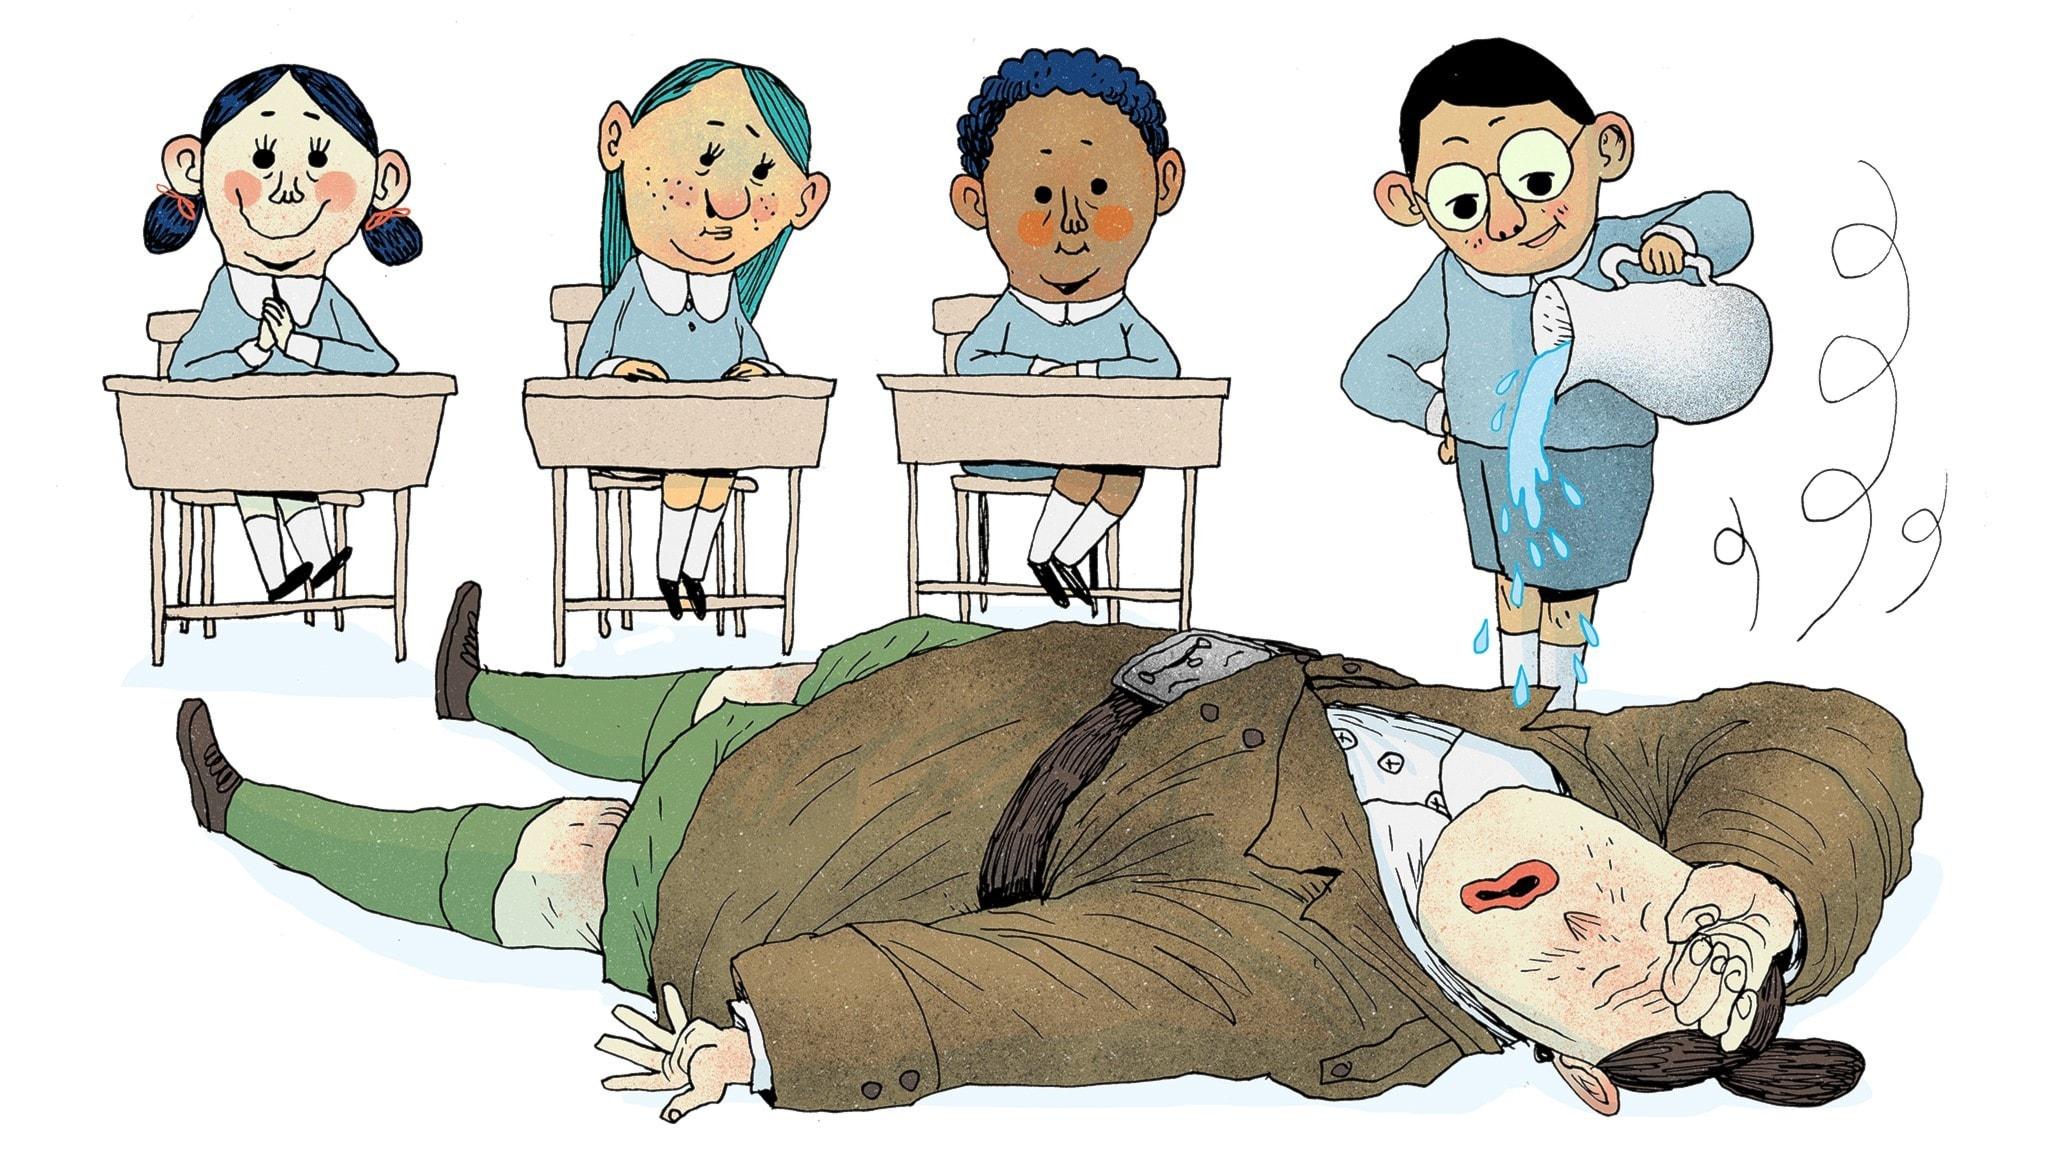 Fröken Domderasson har svimmat på golvet framför eleverna. En pojke häller vatten på hennes ansikte ur en karaff. Matilda sitter i sin bänk och ser glad ut. Bild: Erik Svetoft